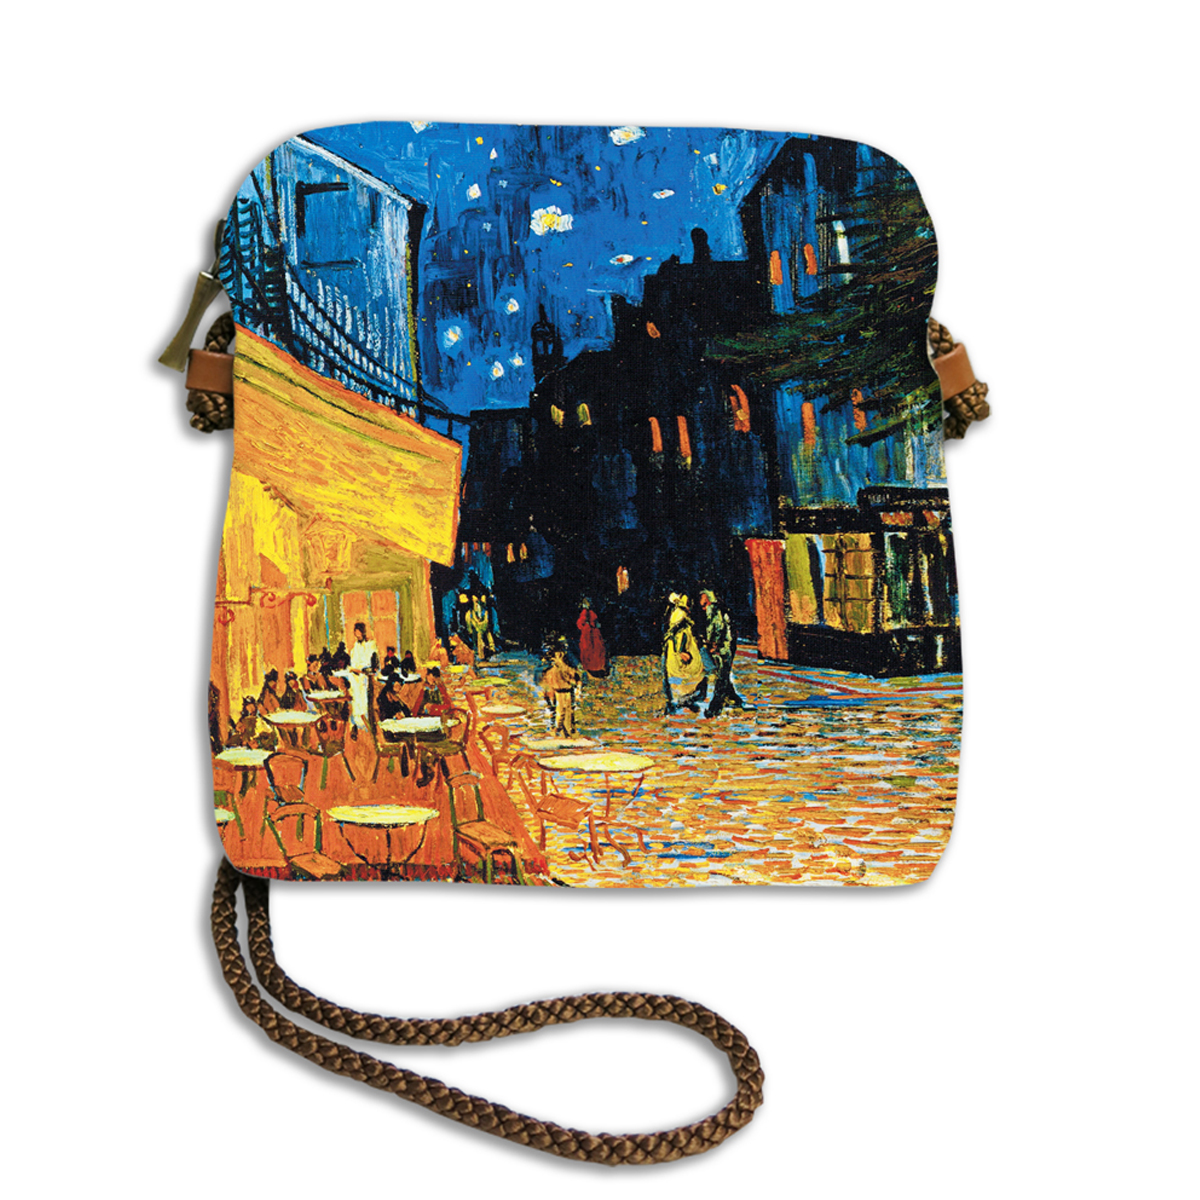 Sac bandoulière artisanal \'Vincent Van Gogh\' (Terrasse du café le soir)  - 18x17 cm - [Q6661]